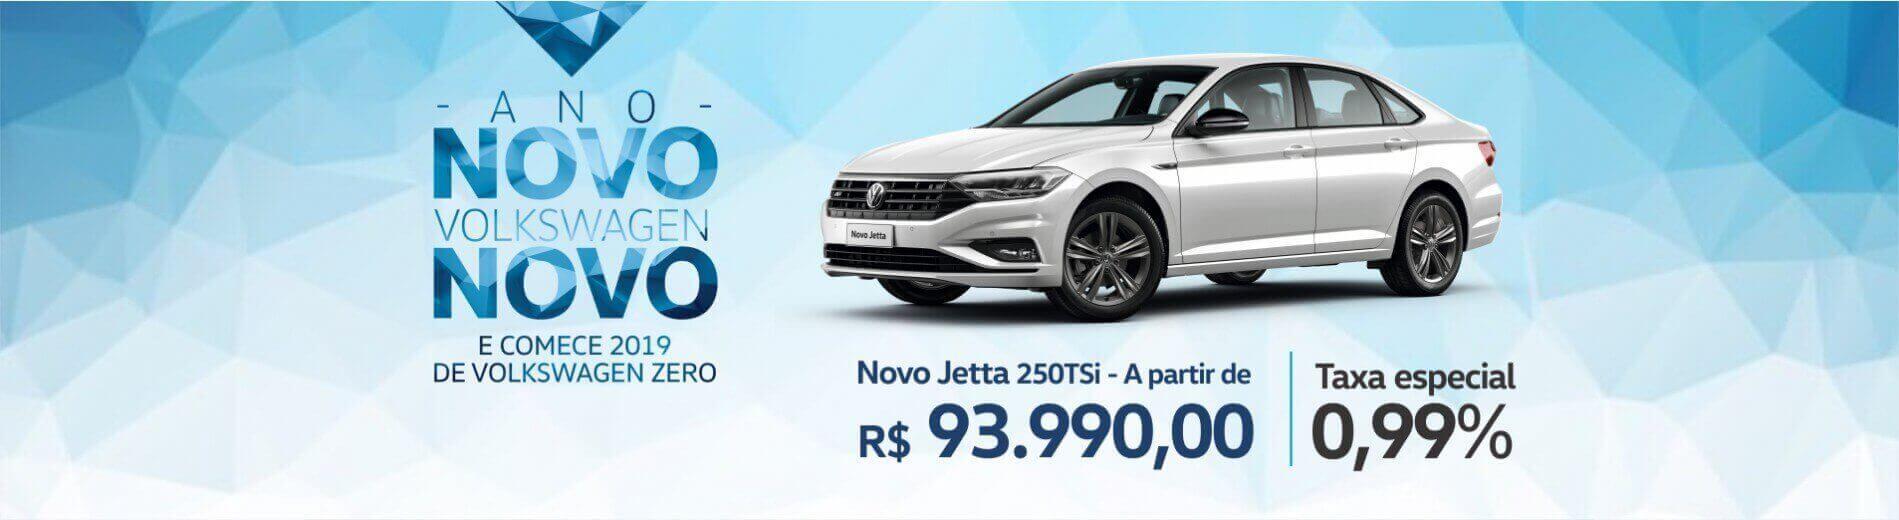 ANO NOVO VW NOVO - Volkswagen Jetta 1.4 TSI